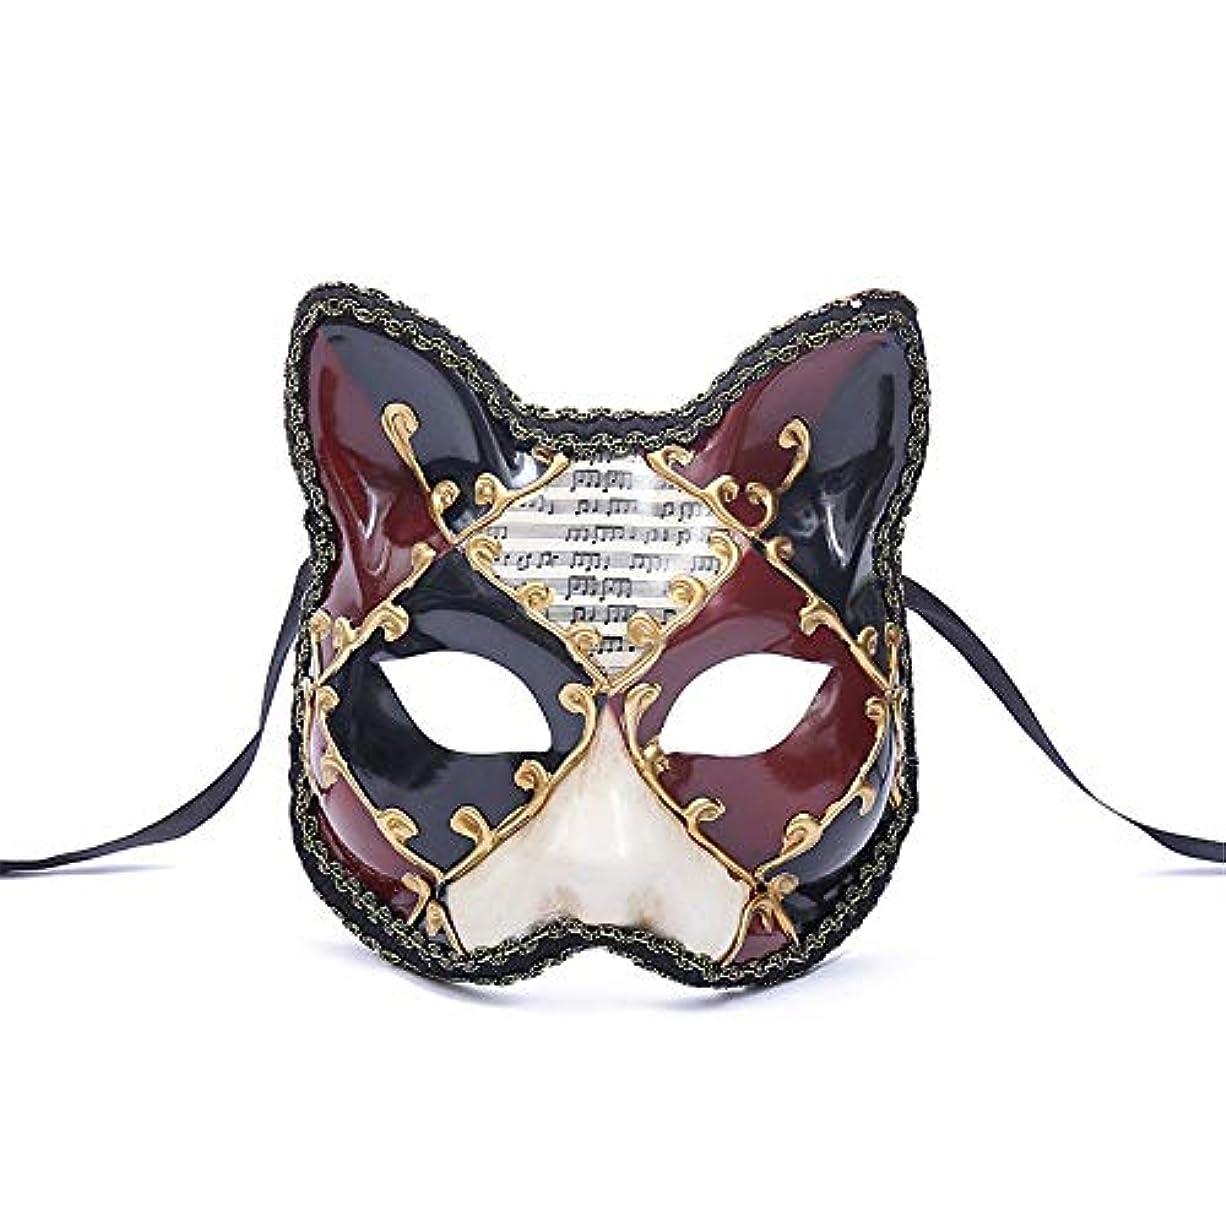 割合なかなか予言するダンスマスク 大きな猫アンティーク動物レトロコスプレハロウィーン仮装マスクナイトクラブマスク雰囲気フェスティバルマスク ホリデーパーティー用品 (色 : 赤, サイズ : 17.5x16cm)